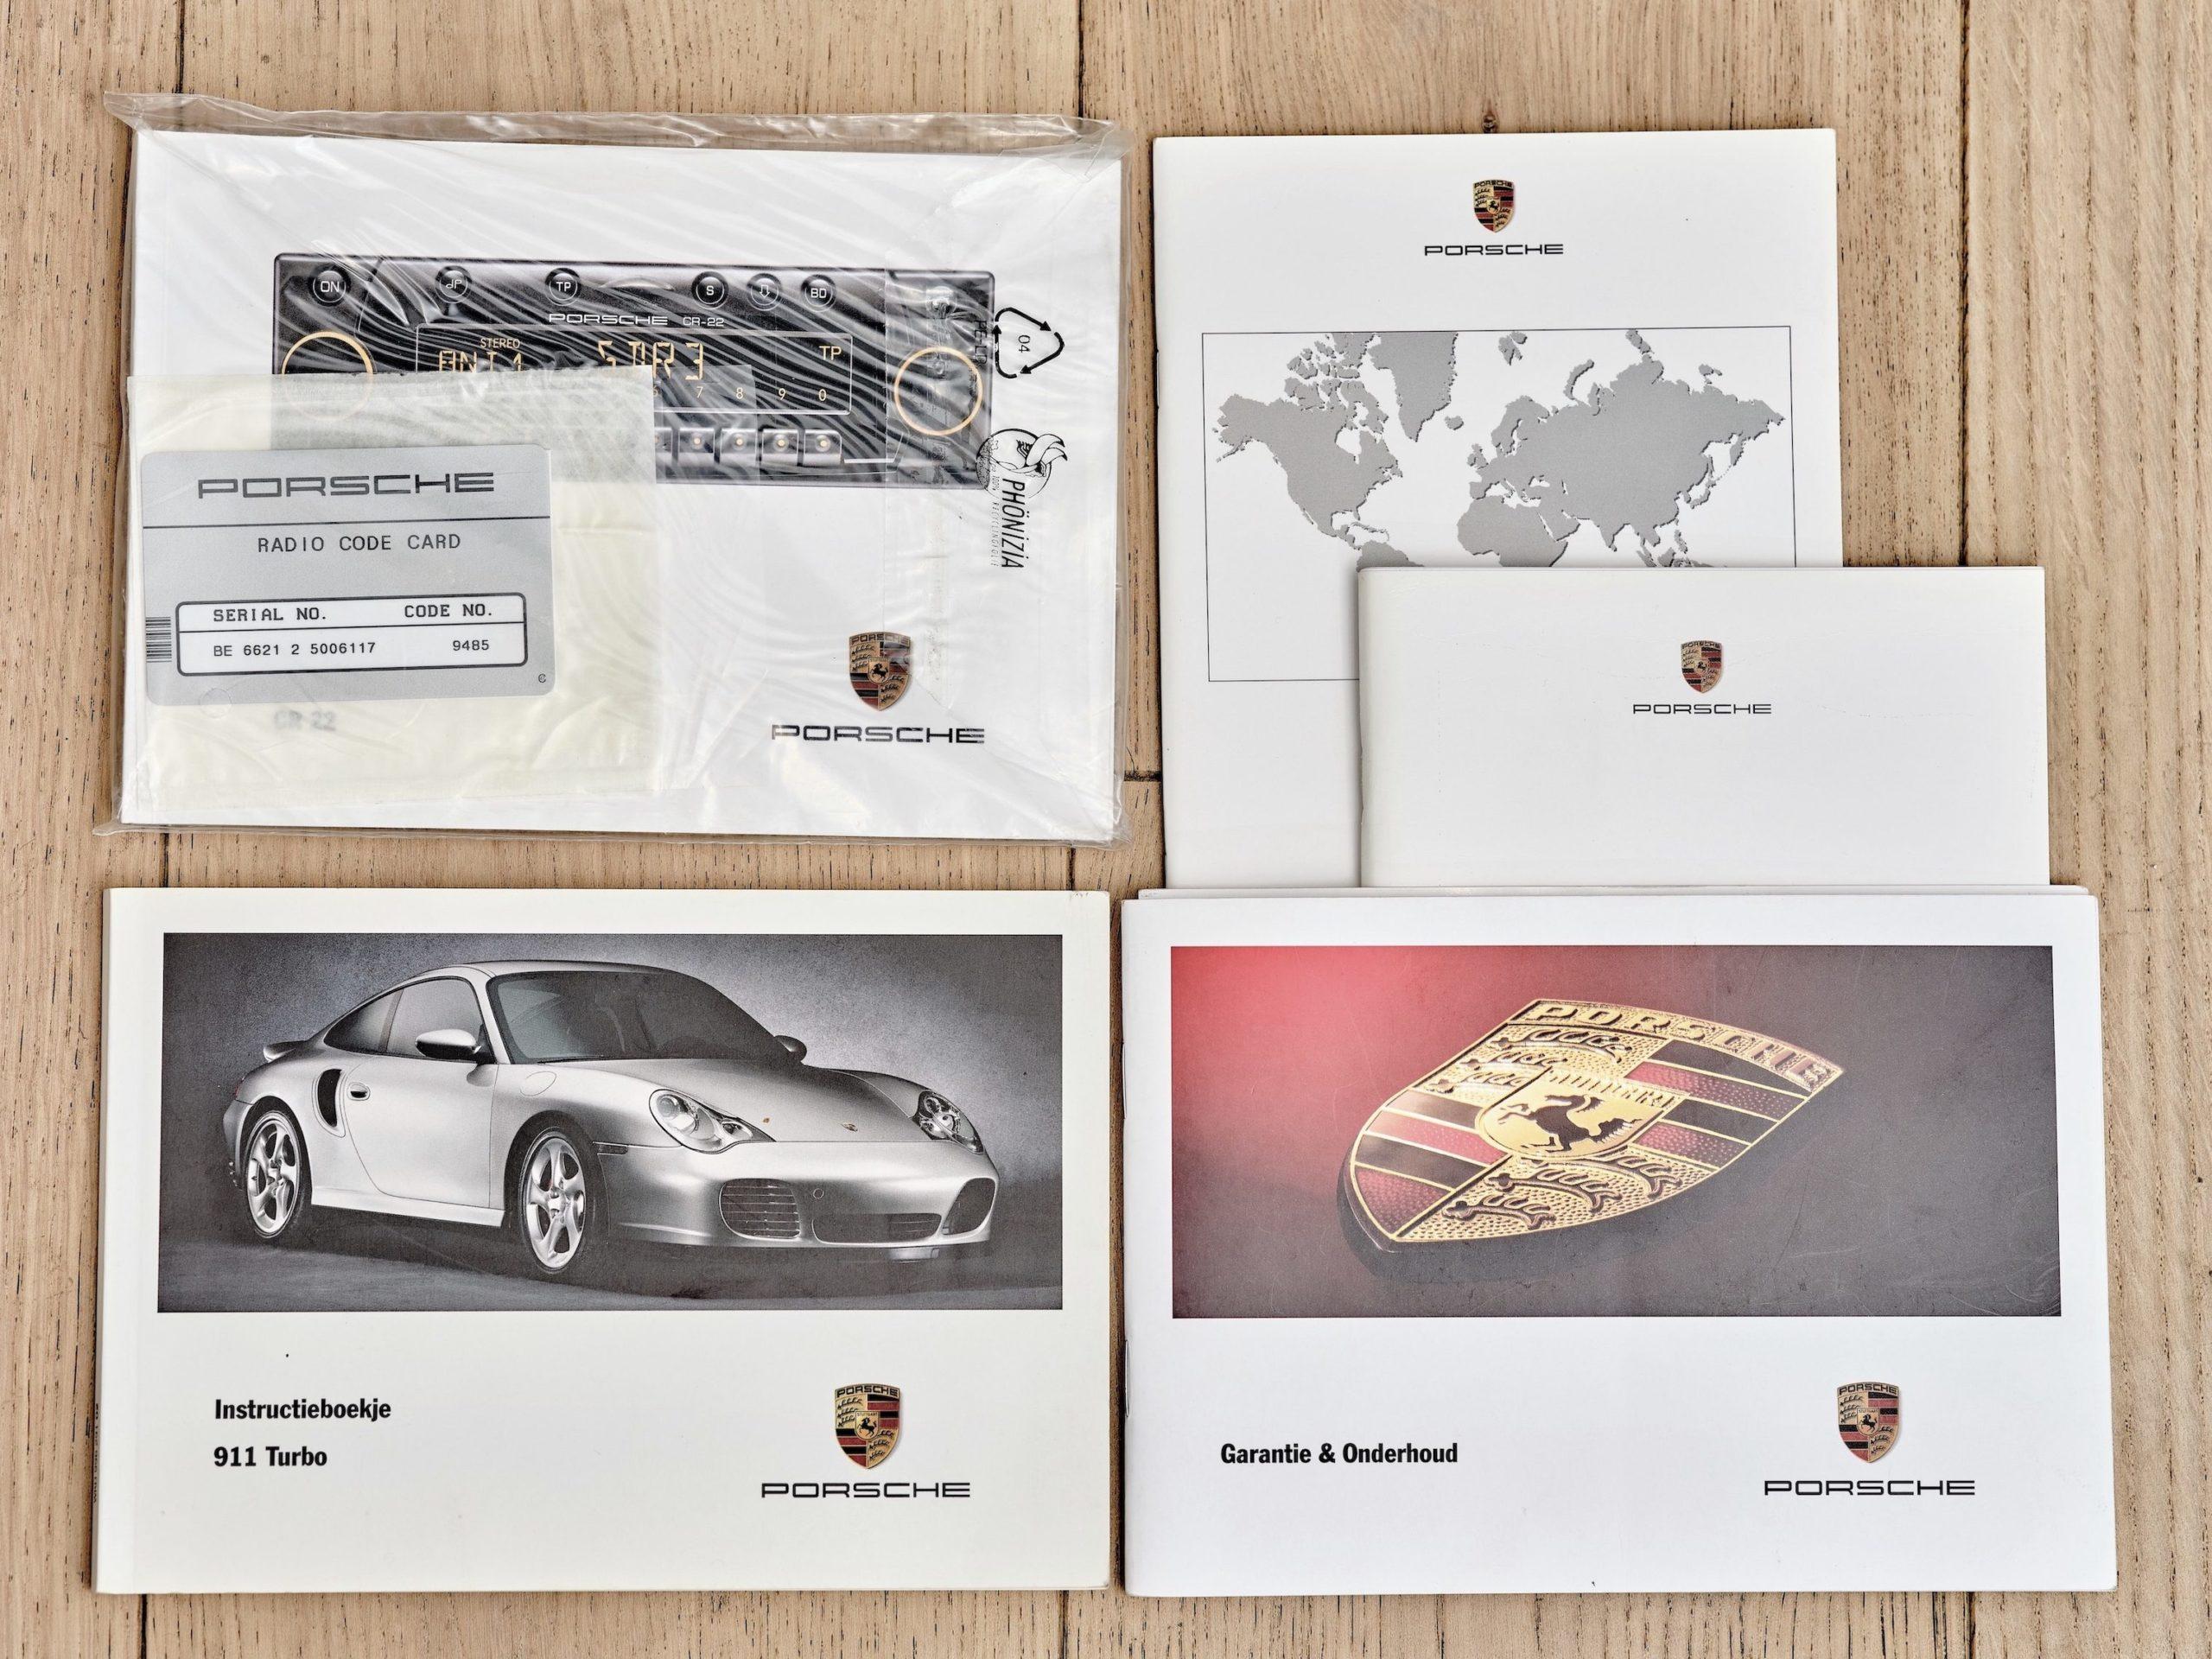 photo des papiers d'une Porsche 996 Turbo de 2002 en vente chez Classic 42 Spécialiste Vente Porsche Classique Bruxelles